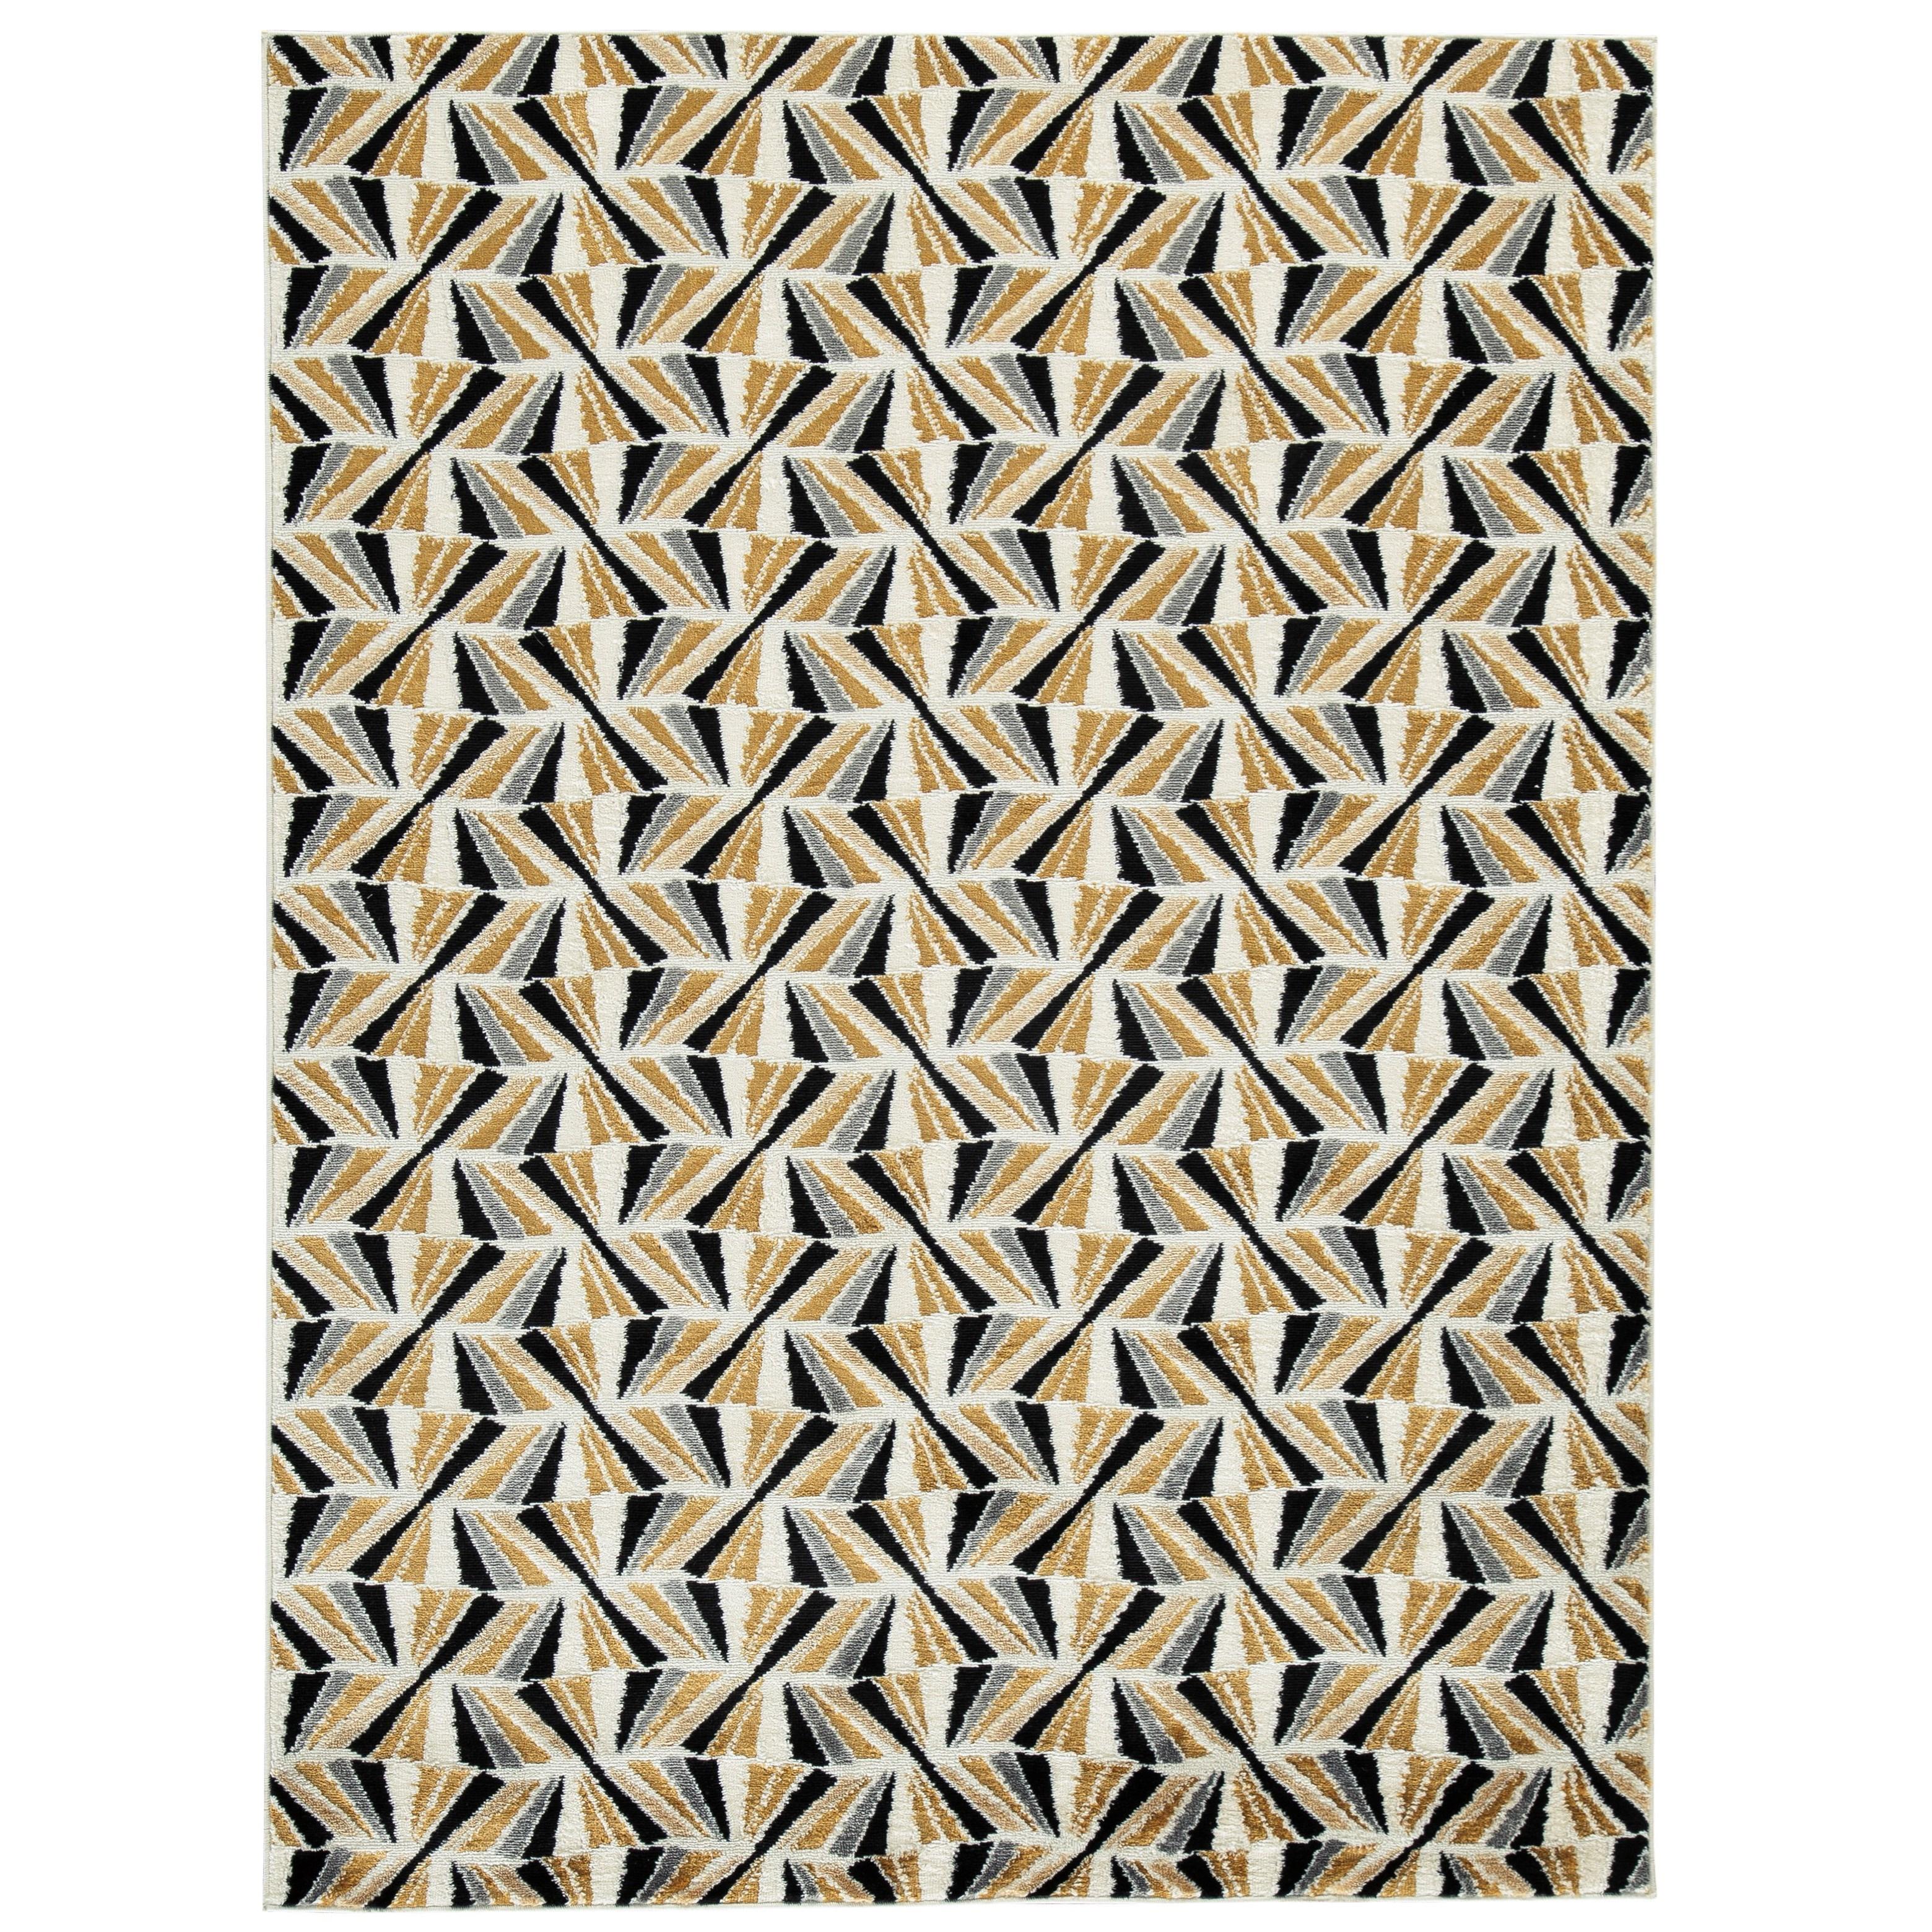 Jaela Black/Gold/White Large Rug